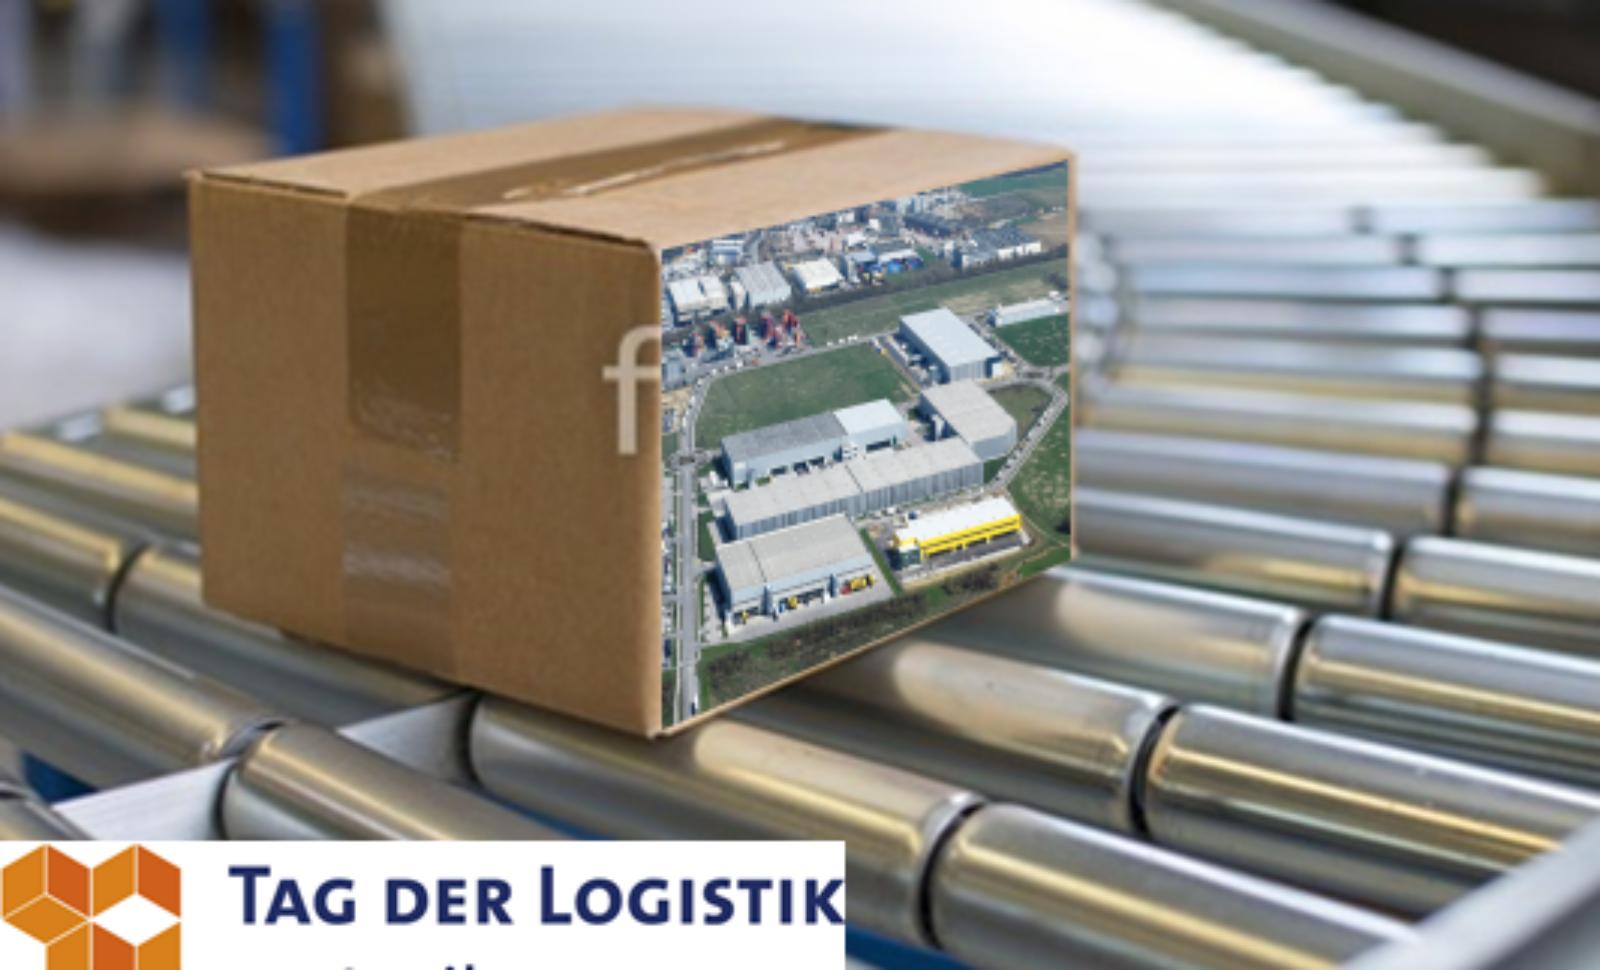 Tag der Logistik: Jetzt Kaufen! Klick. Und dann?